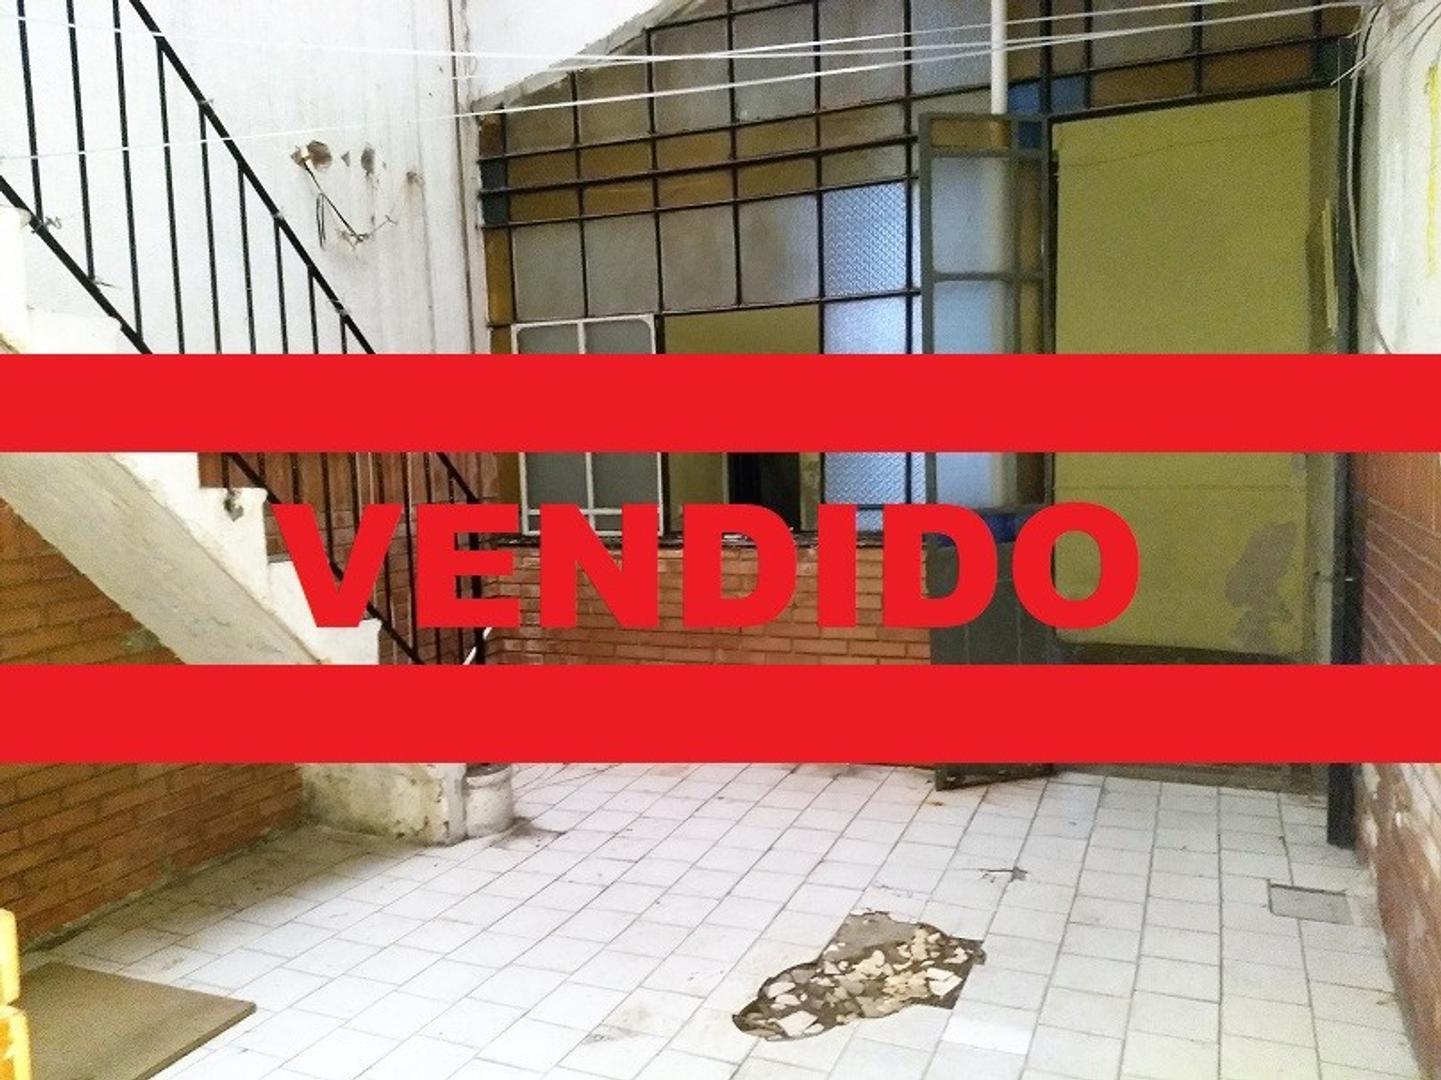 Ph en Venta en Cid Campeador - 4 ambientes